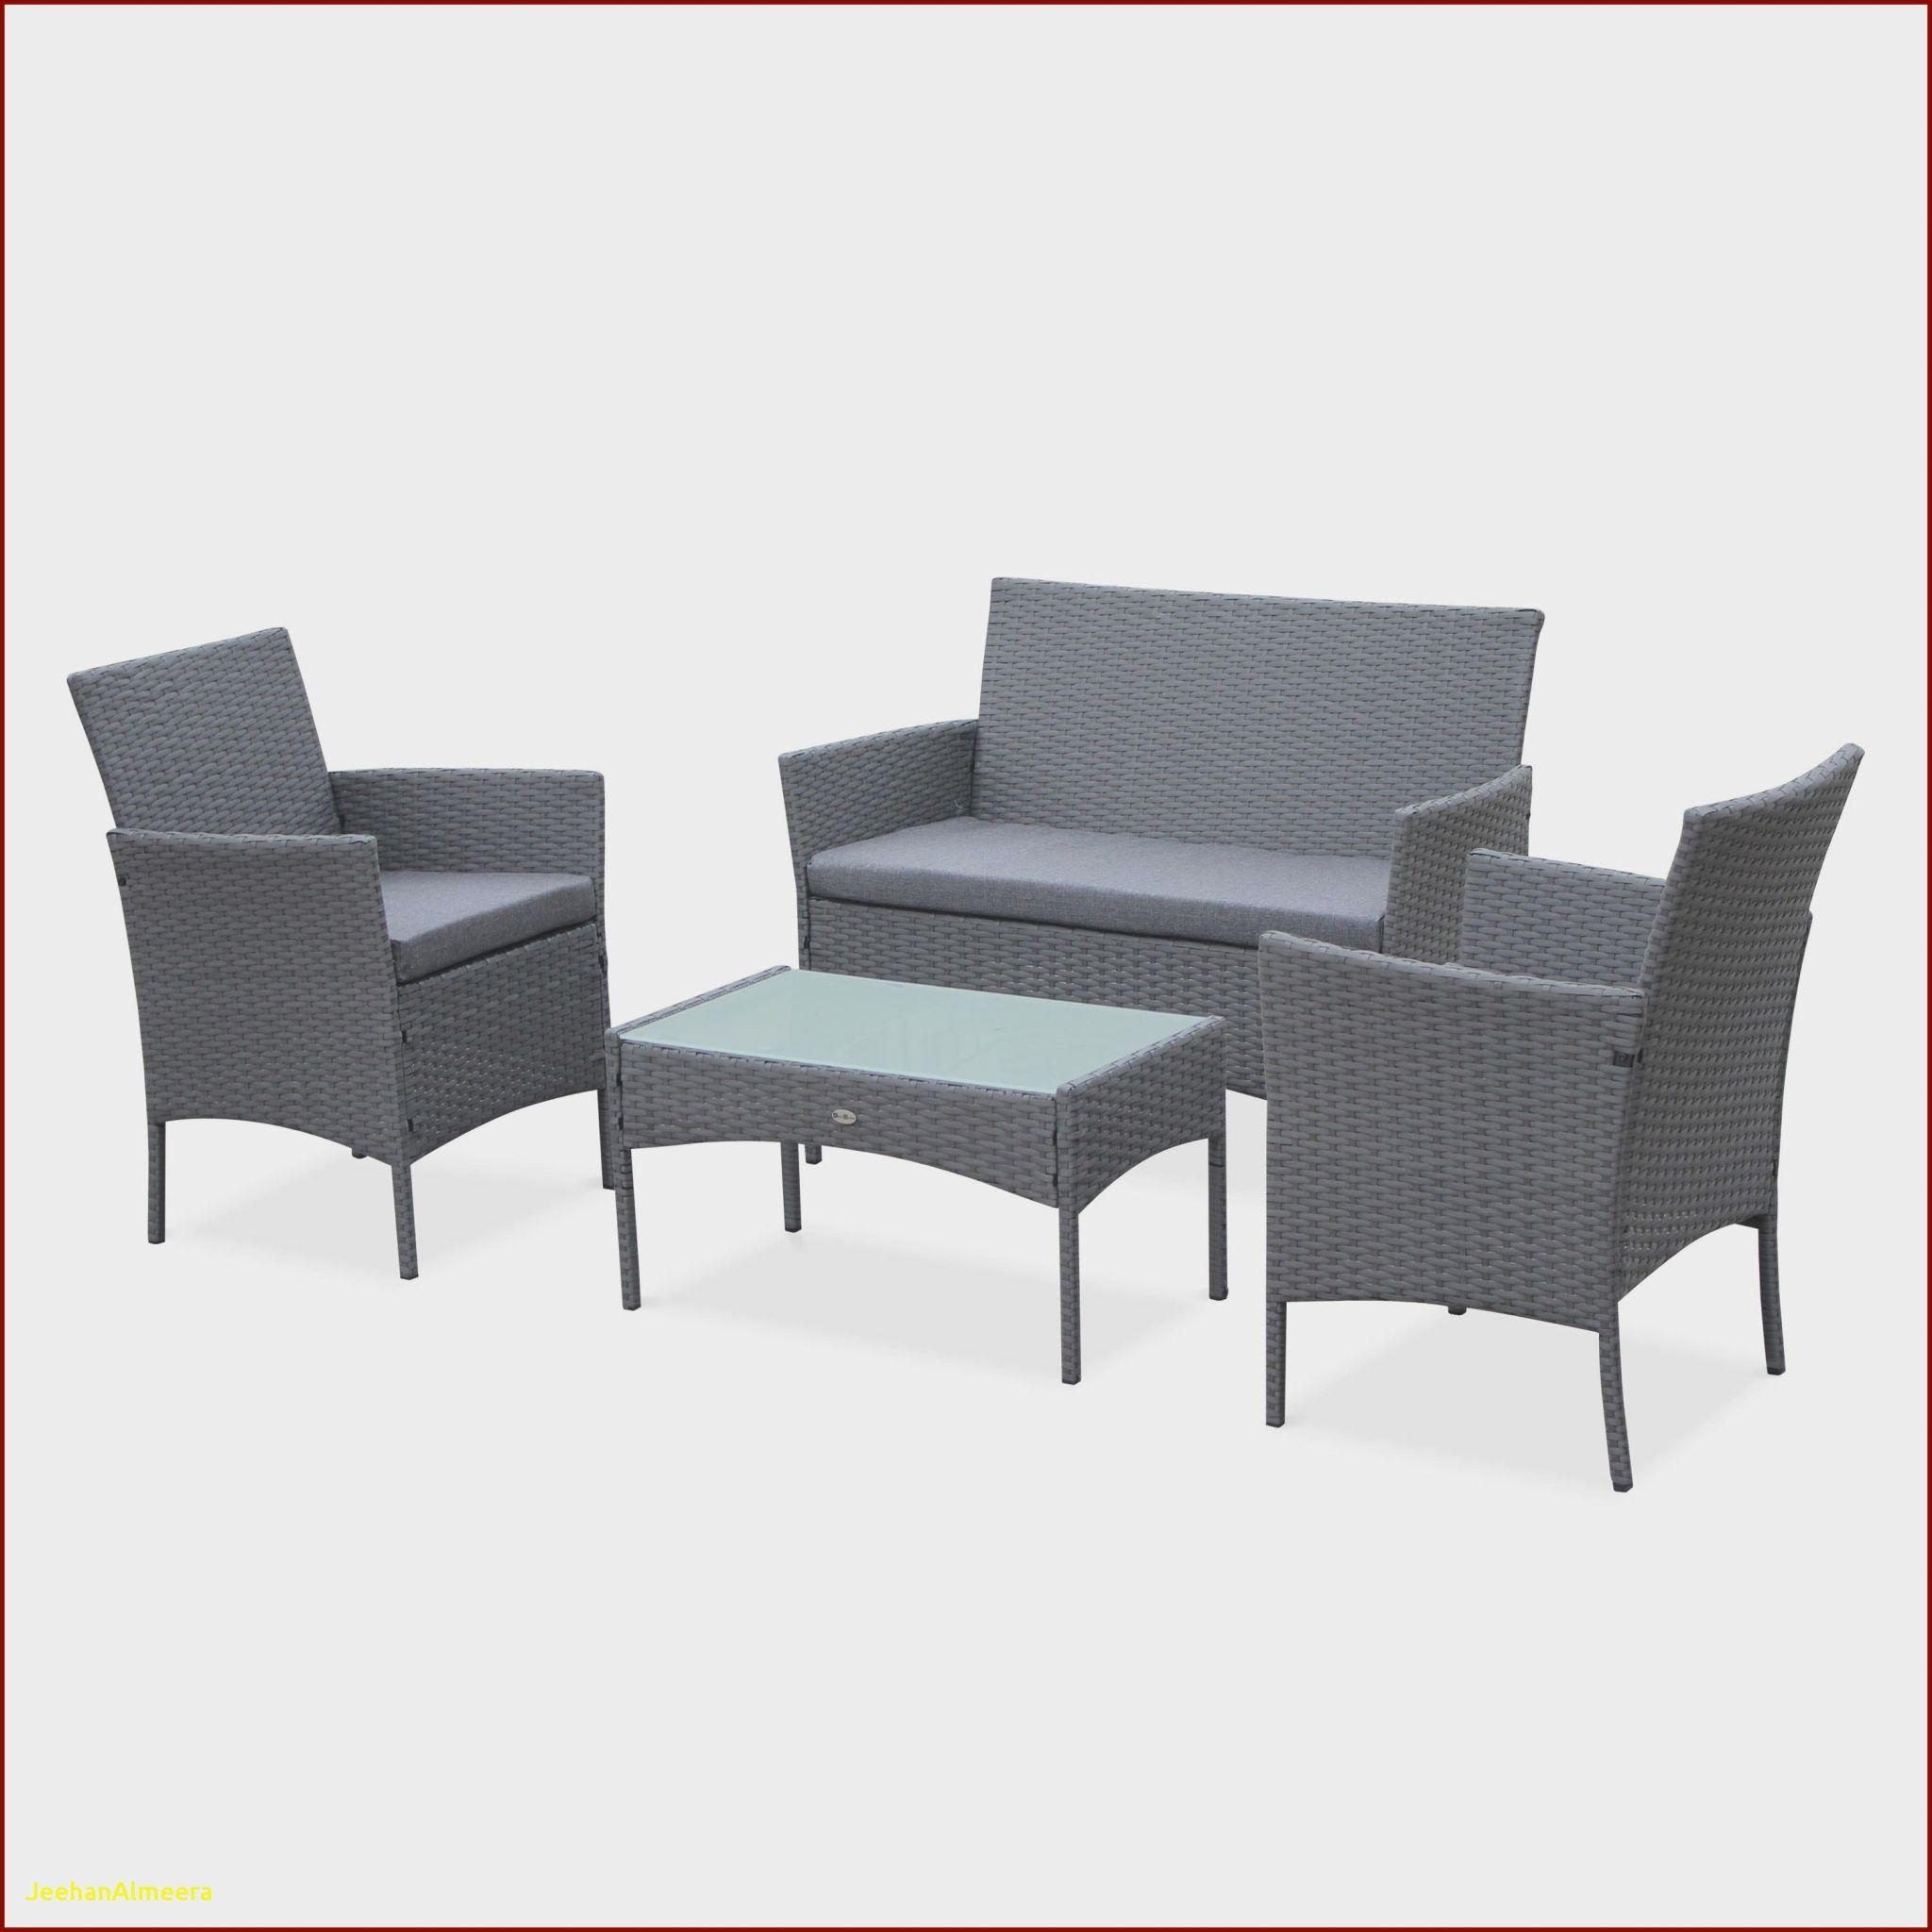 ensemble table et chaise jardin beau ensemble table et chaise but beau s macabane salon de jardin of ensemble table et chaise jardin